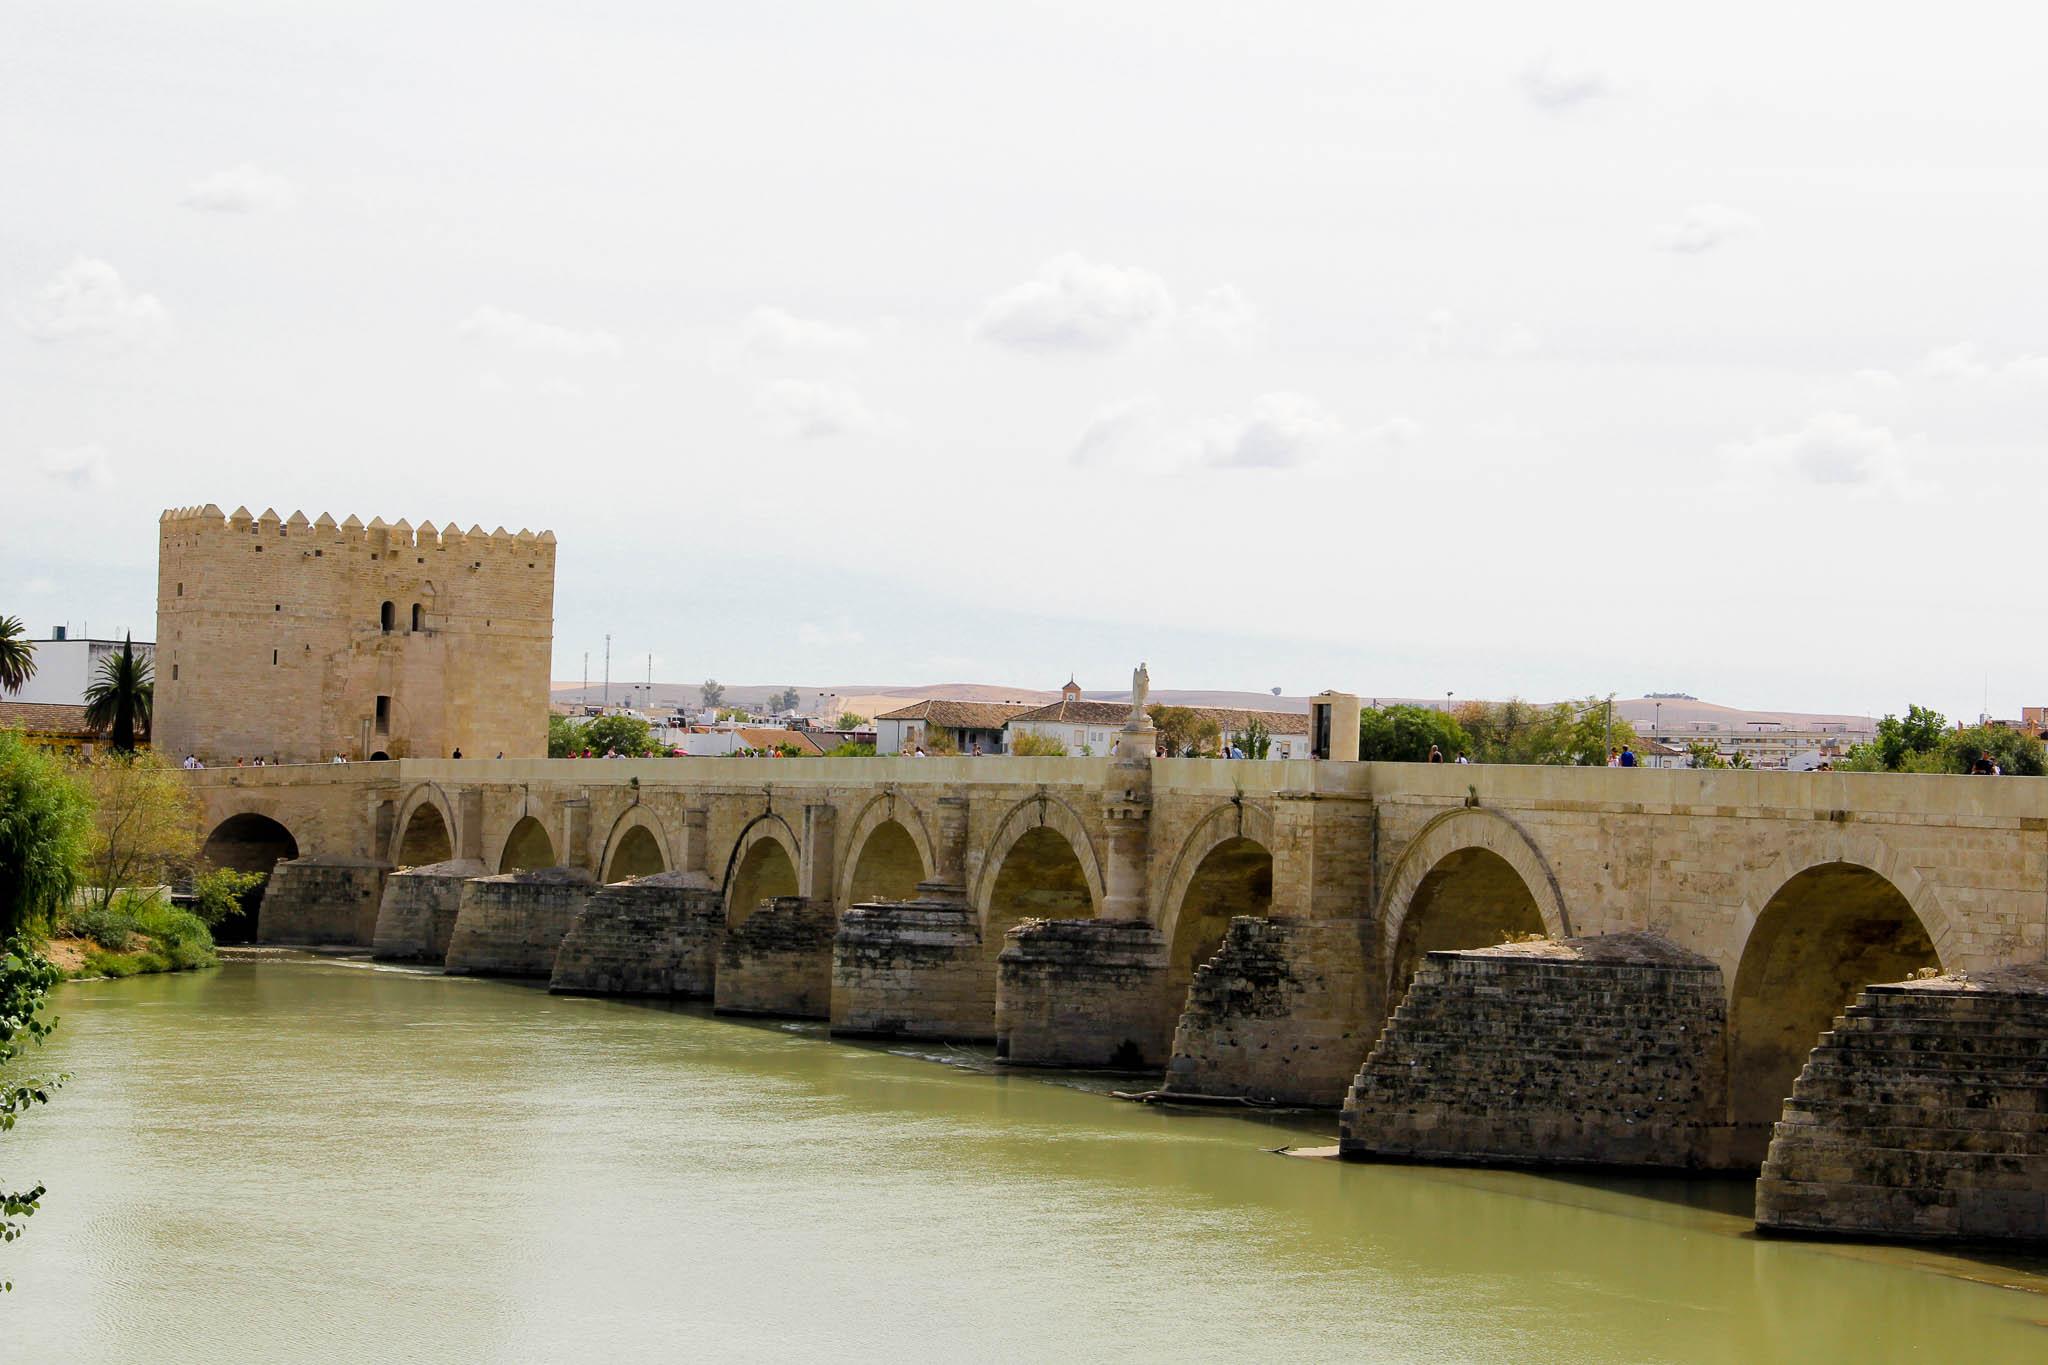 Torre de Calahorra, Córdoba